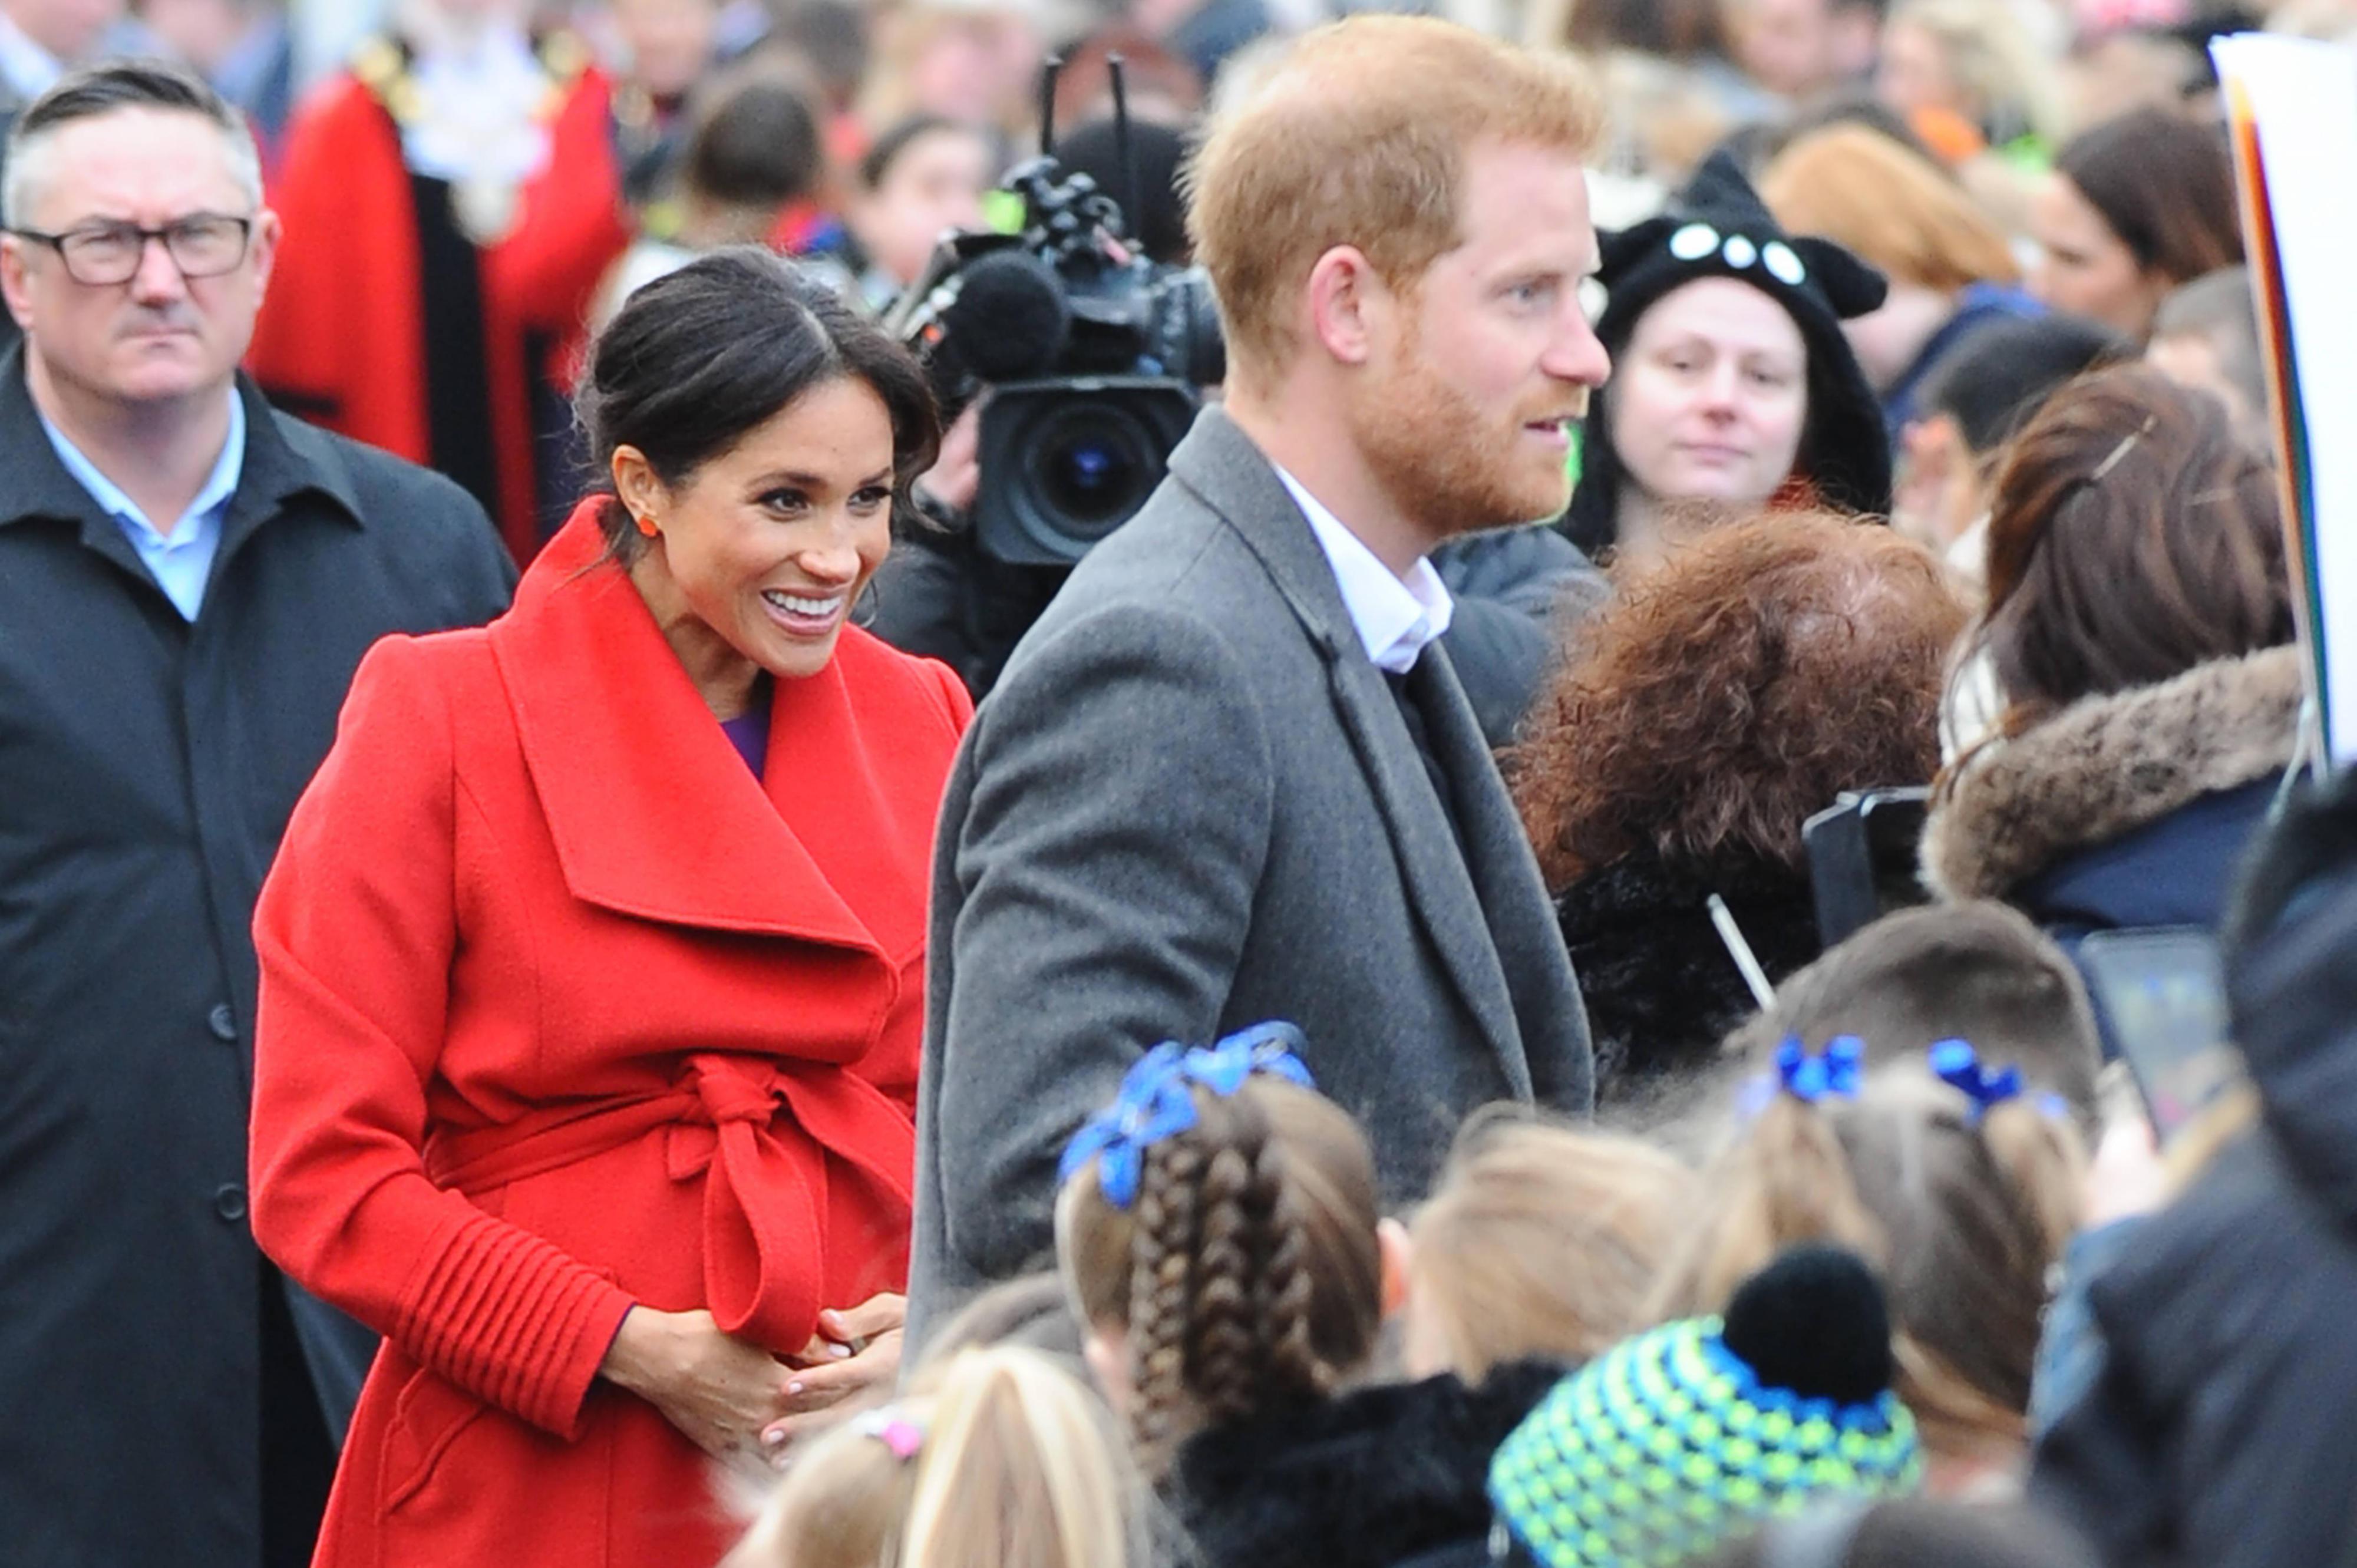 Prinz Harry und Herzogin Meghan bei einem Termin im britischen Birkenhead am 14. Januar 2019